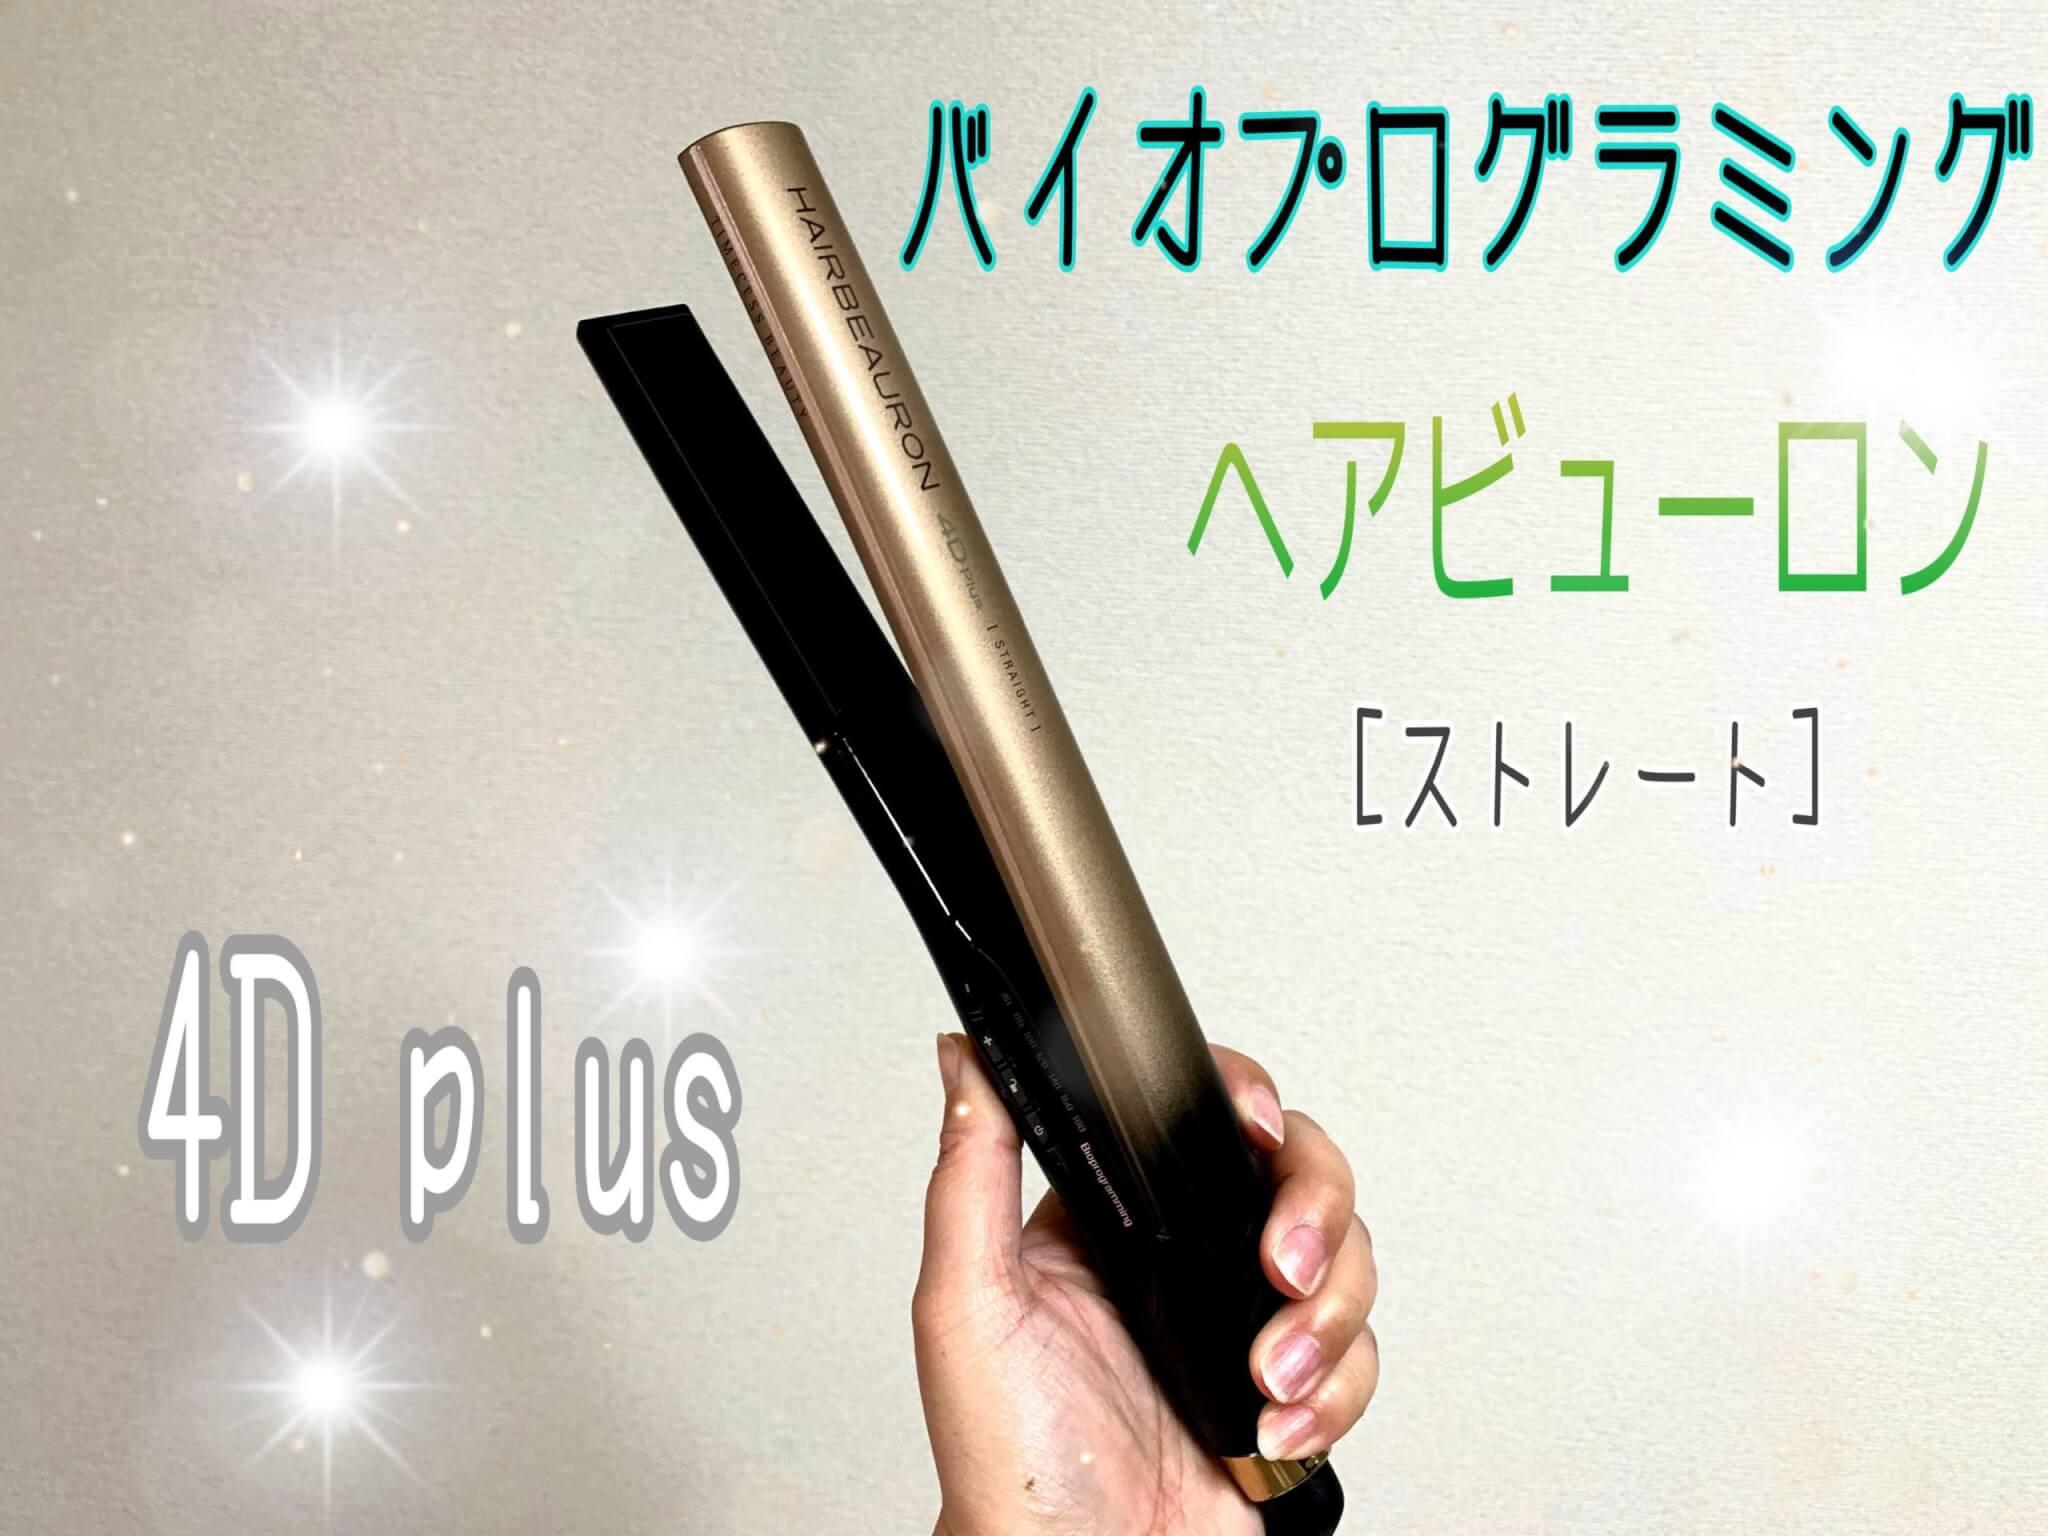 ヘアビューロン 4D Plus [ストレート] 使用レビュー!効果を検証します